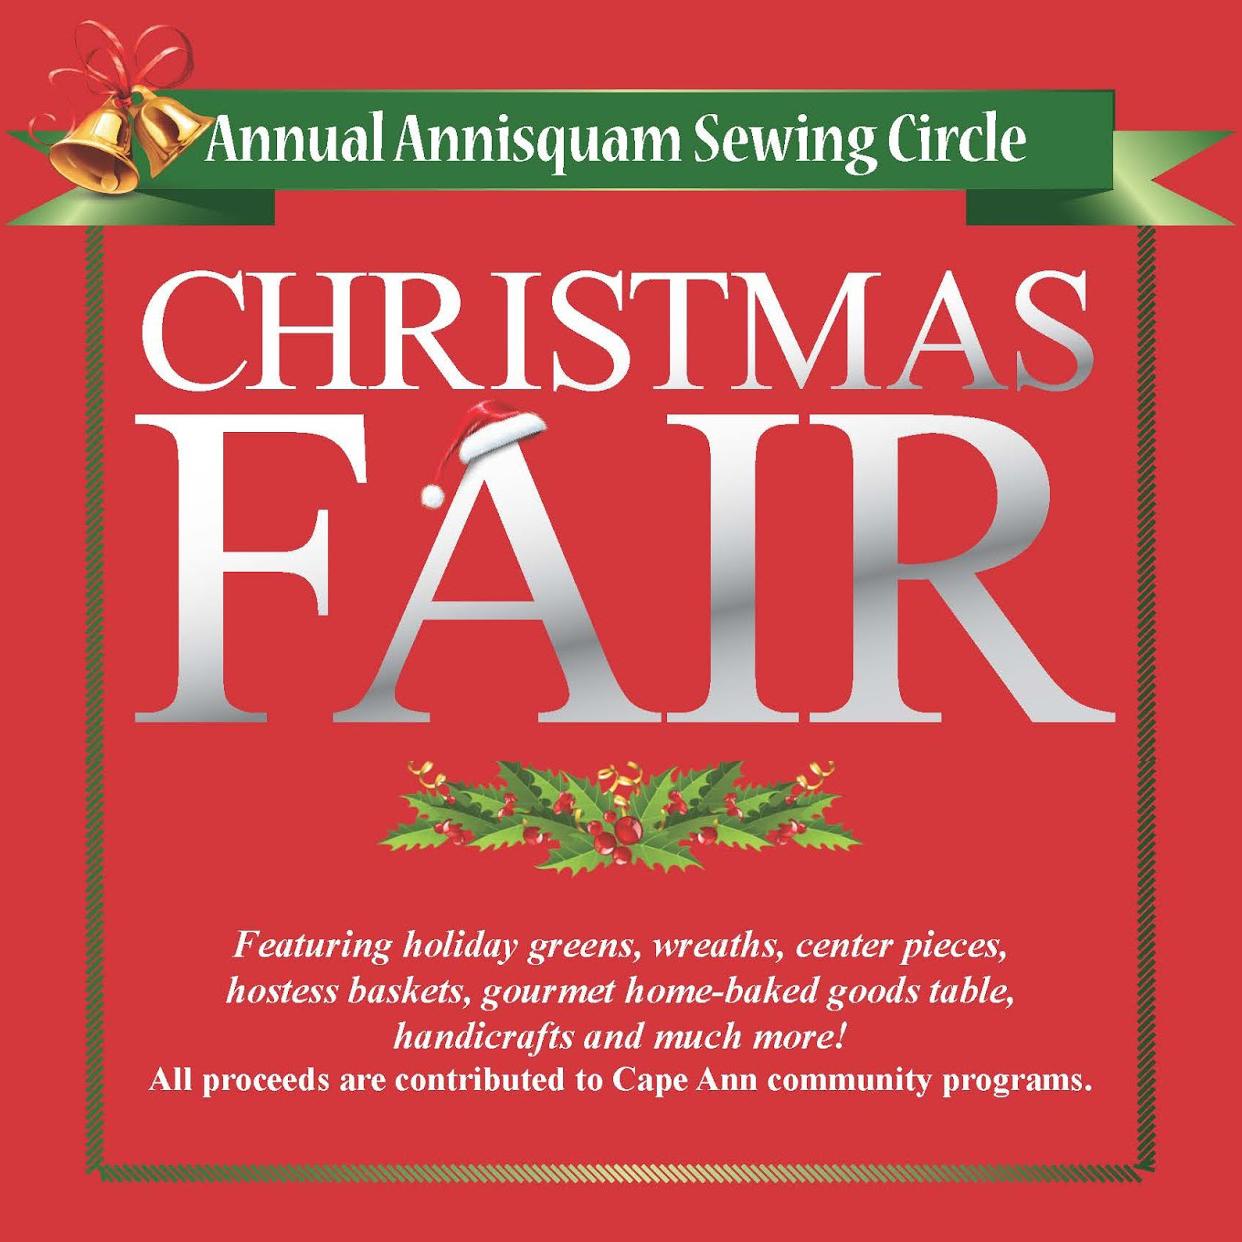 Christmas Fair Chiltonville 2020 Annisquam Sewing Circle: The Annual ASC Christmas Fair 2020